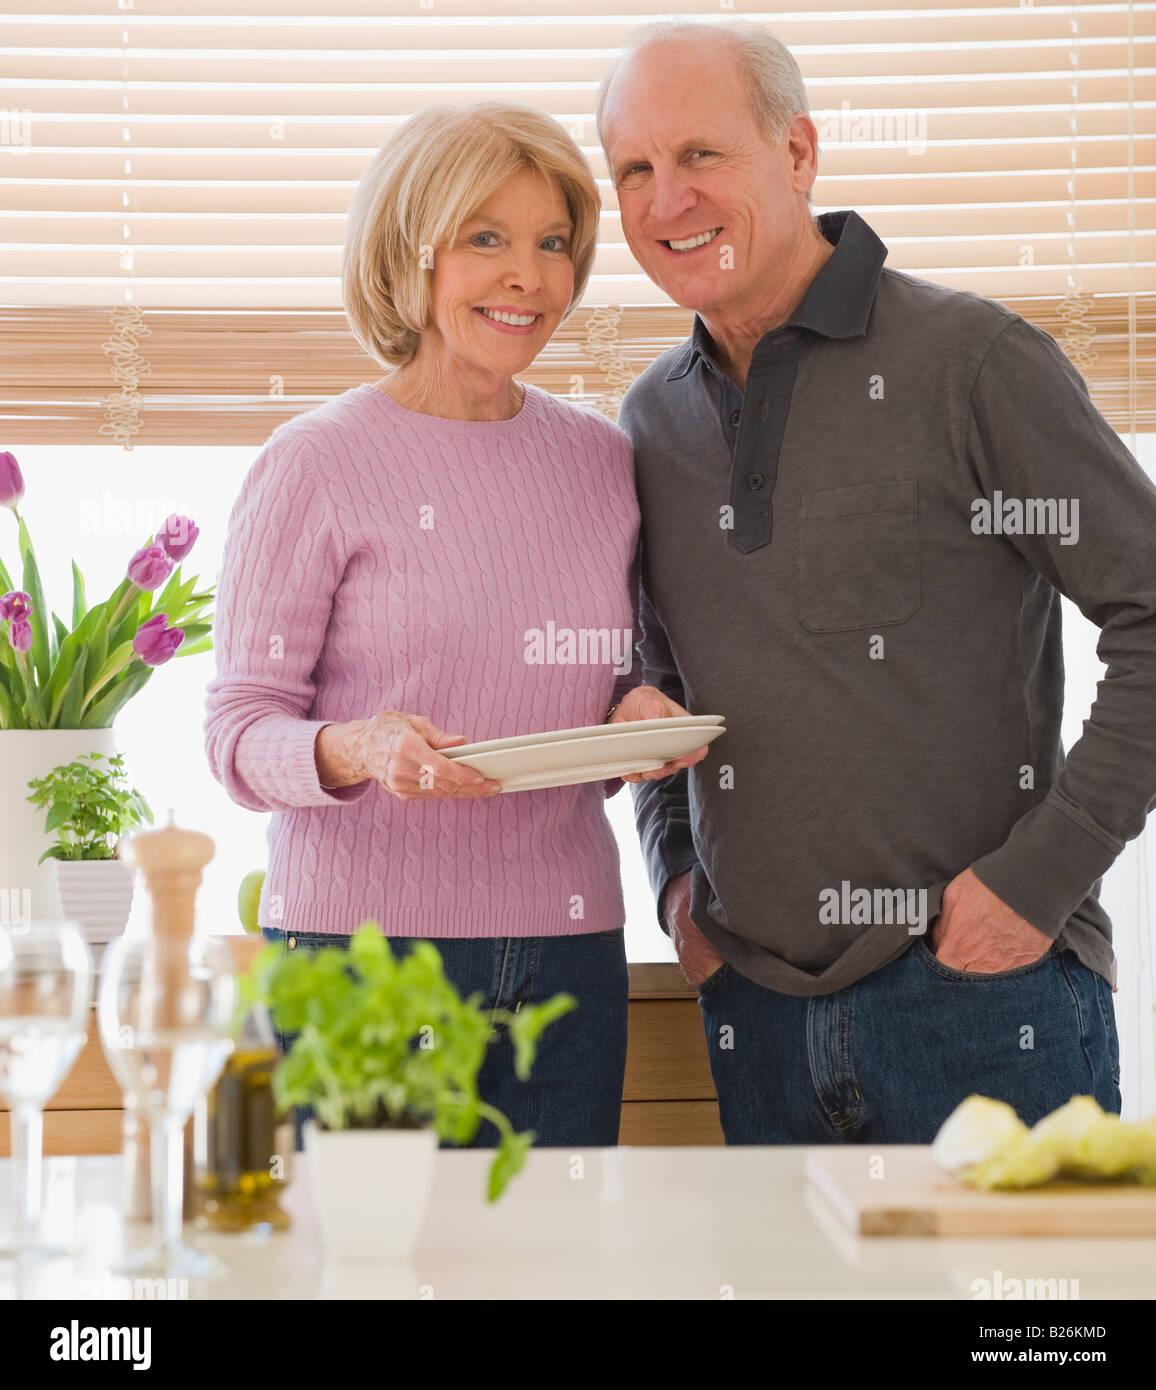 Älteres Paar mit Geschirr in der Küche Stockbild